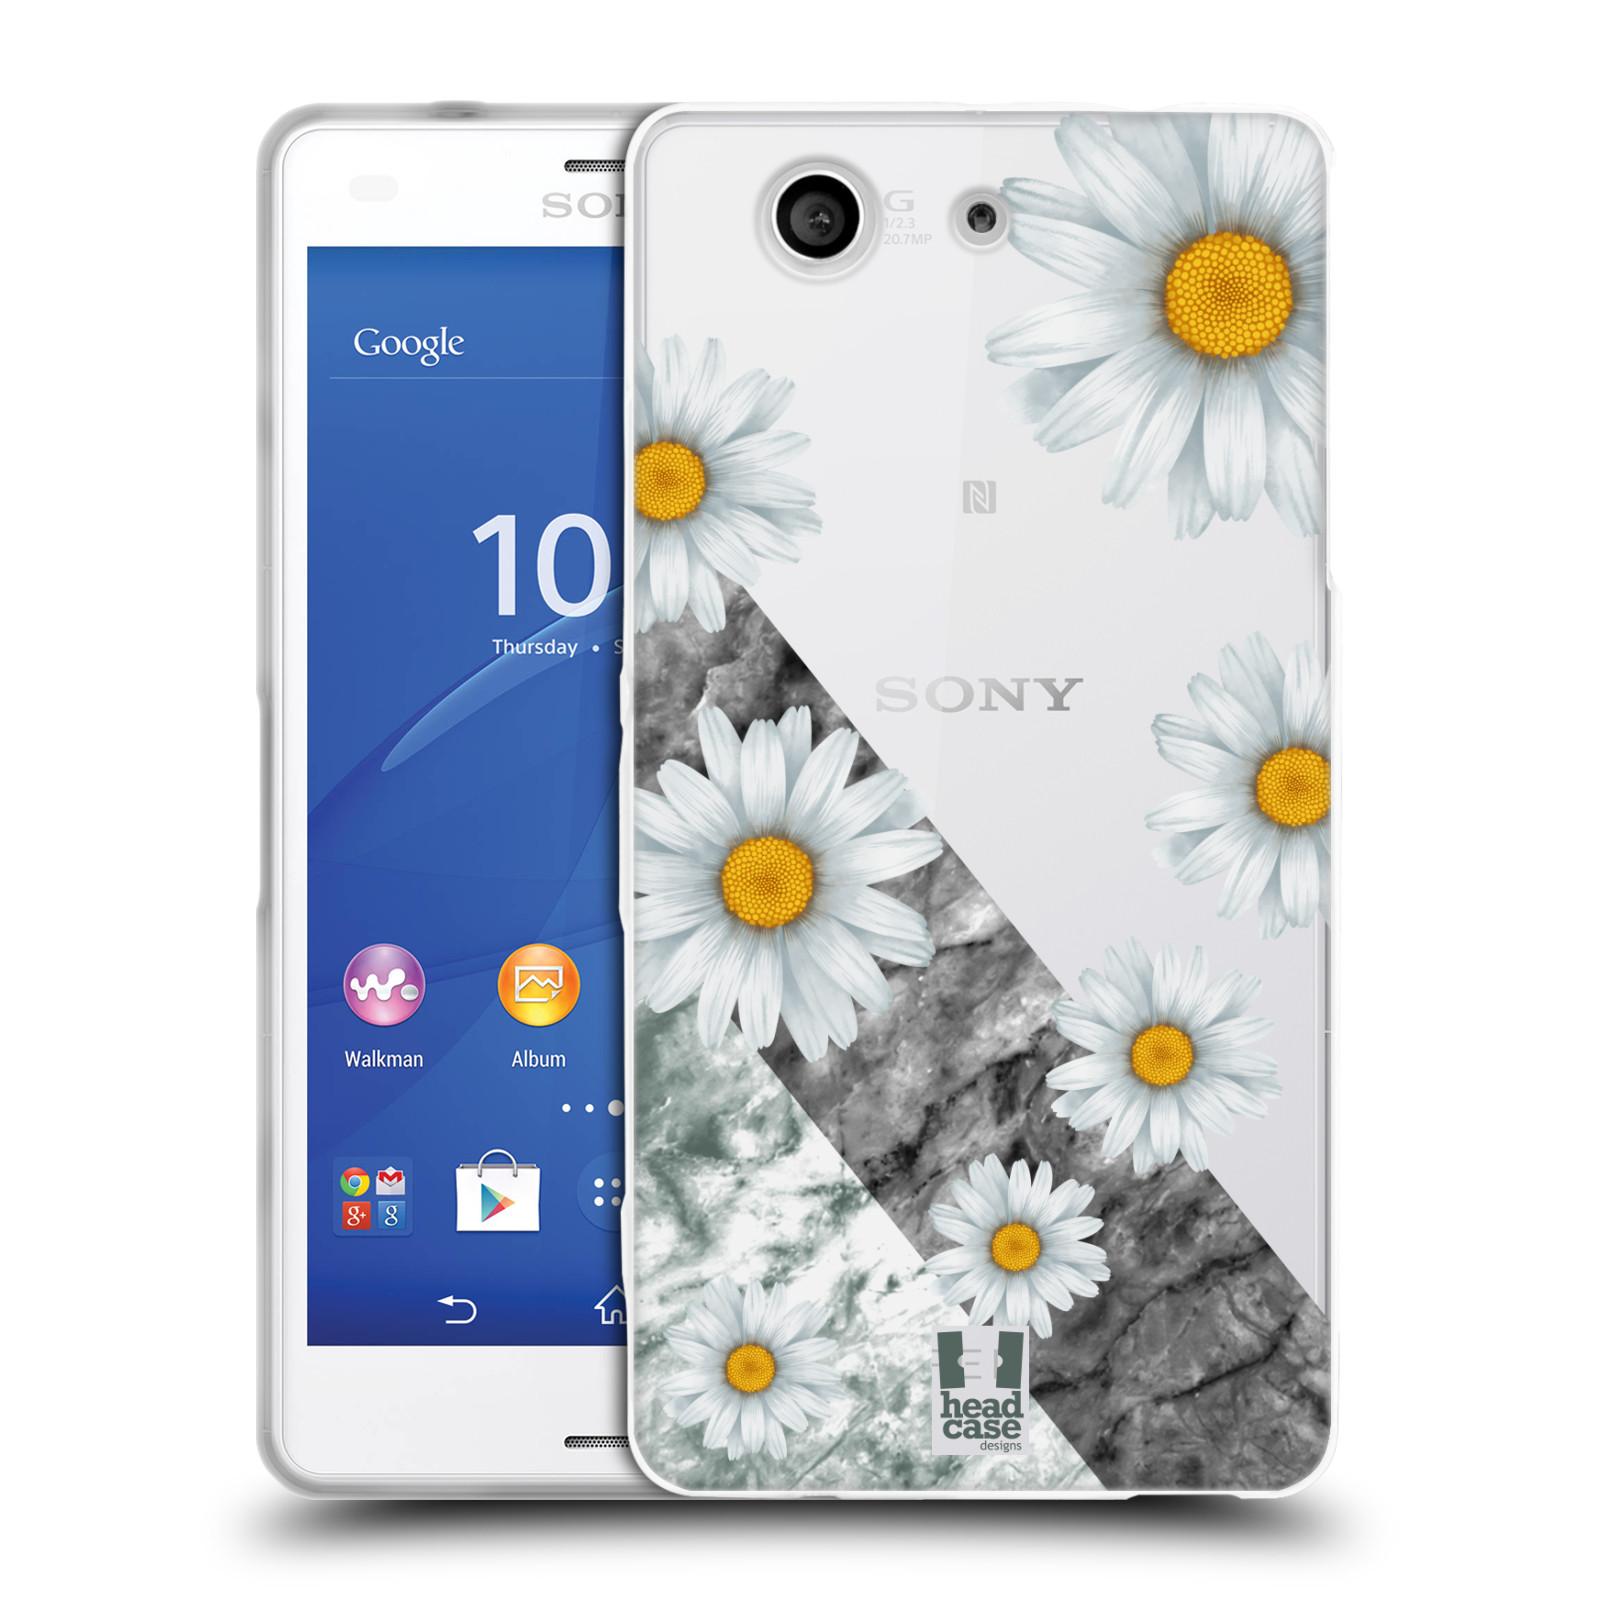 Silikonové pouzdro na mobil Sony Xperia Z3 Compact D5803 - Head Case - Kopretiny a mramor